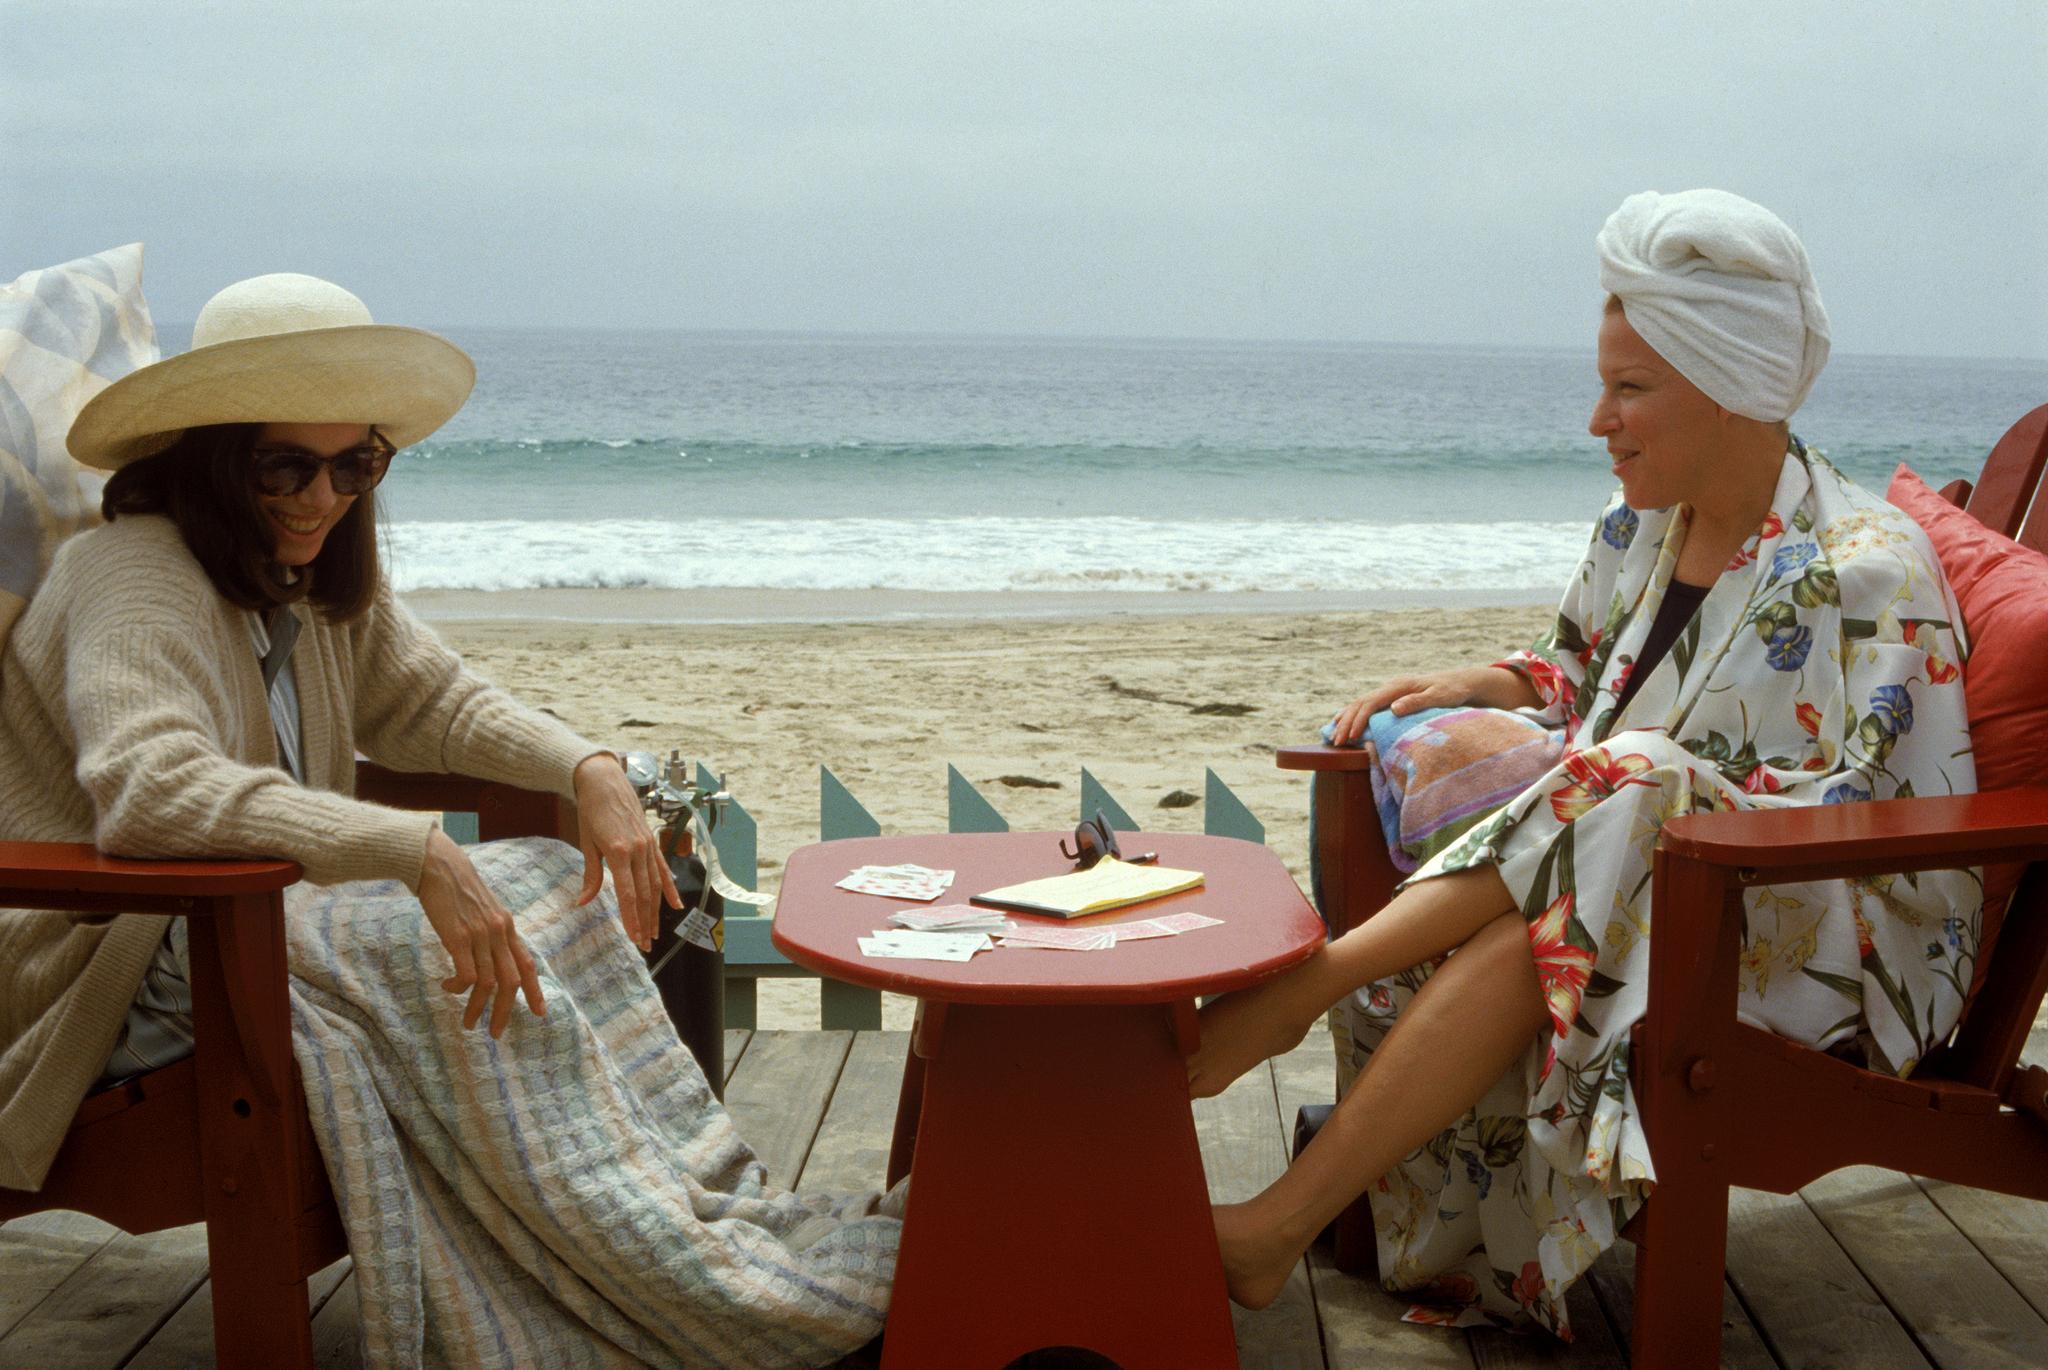 MV5BMTMzOTg5MTQ5OV5BMl5BanBnXkFtZTcwNzk1ODAyNw@@. V1 25 Things You Never Knew About Beaches